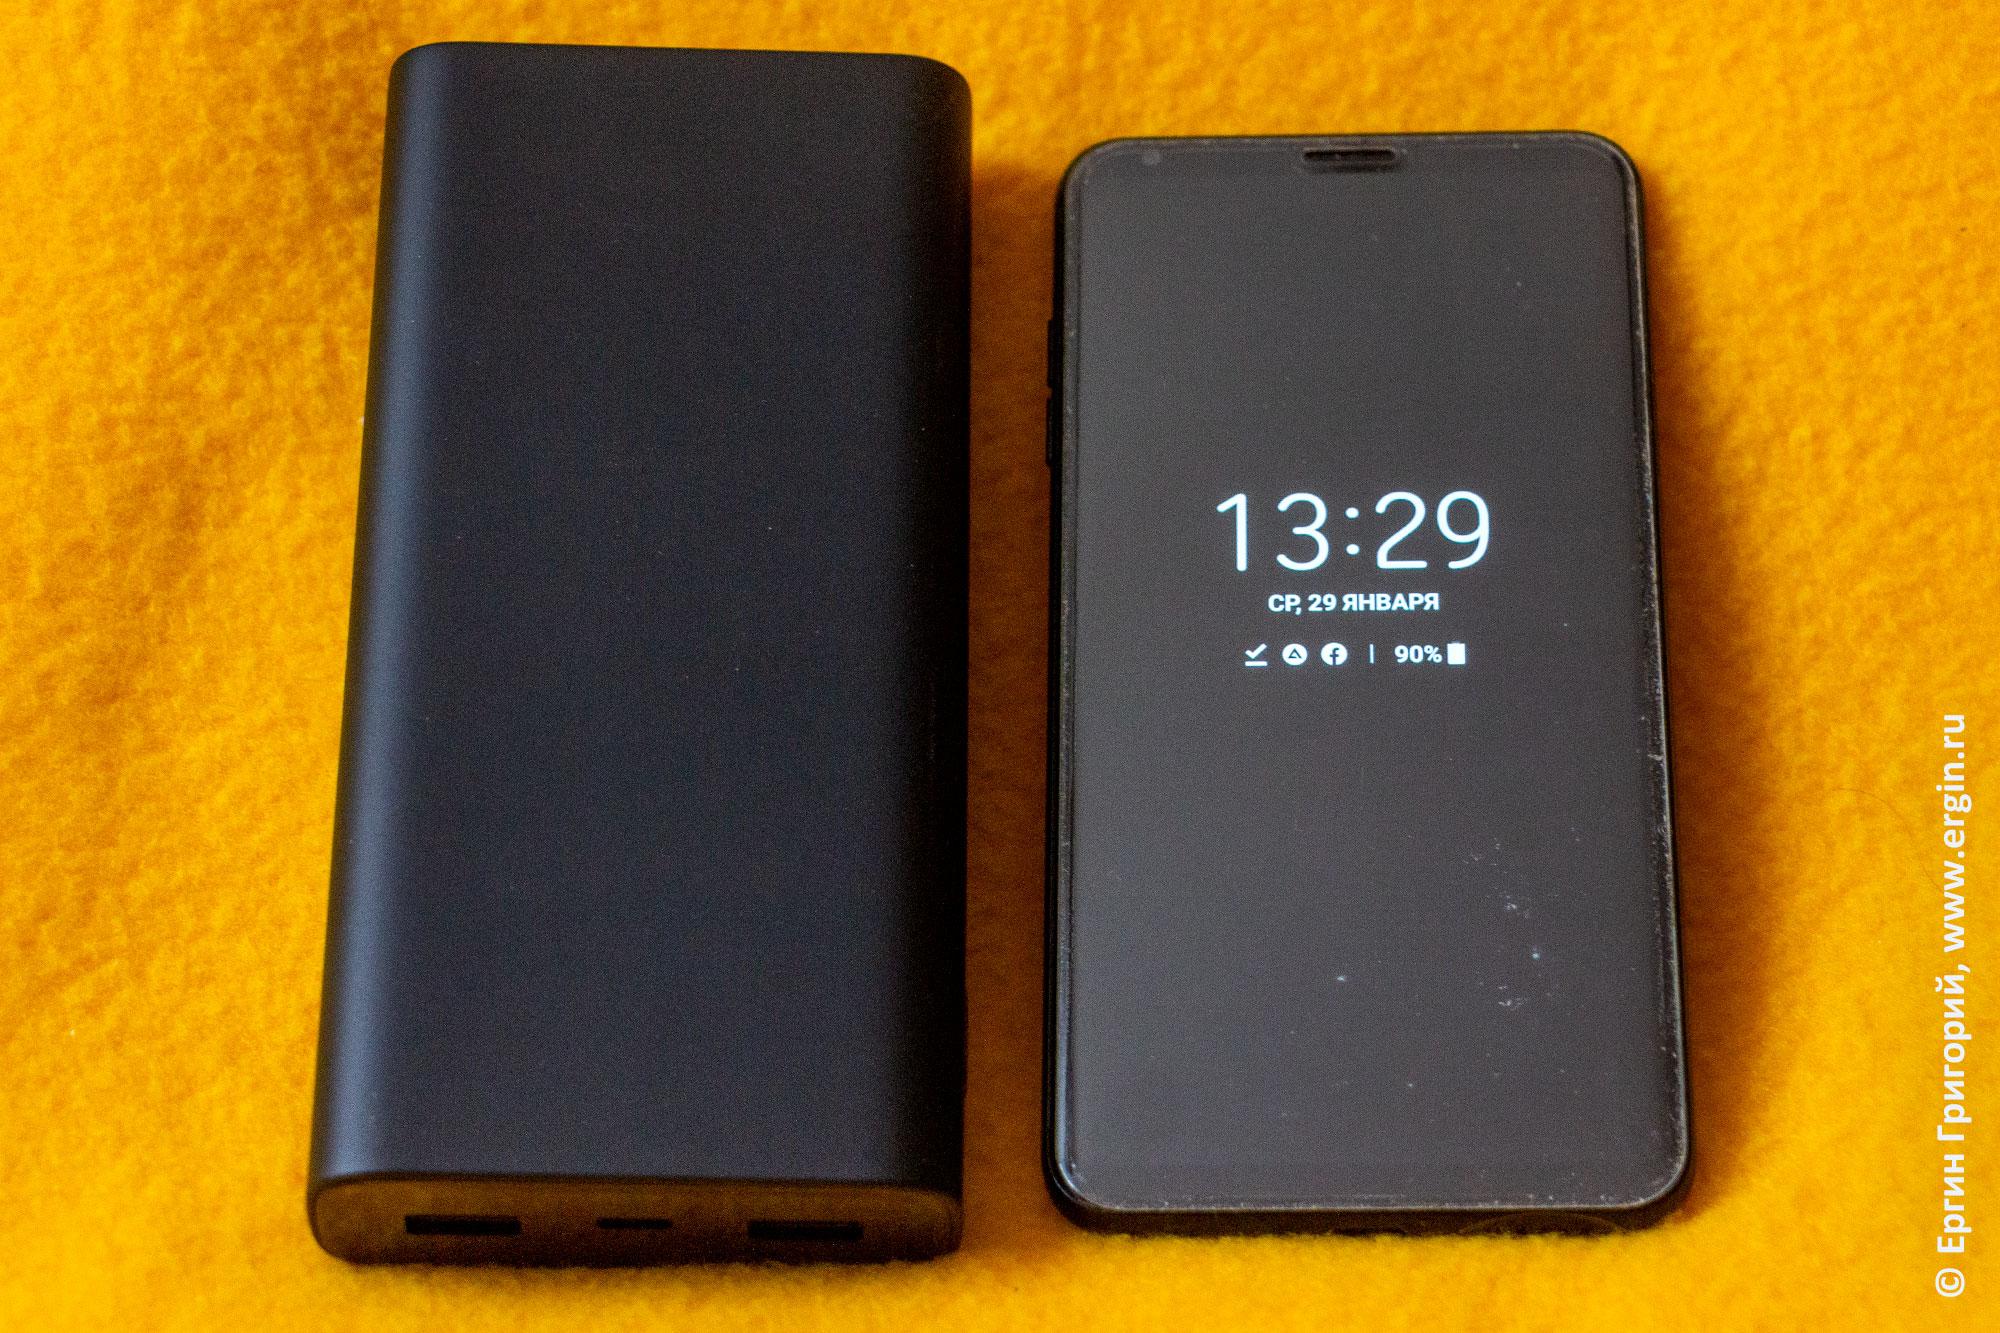 Размеры пауэрбанка Xiaomi PLM07ZM в сравнении с мобильным телефоном LG V30+